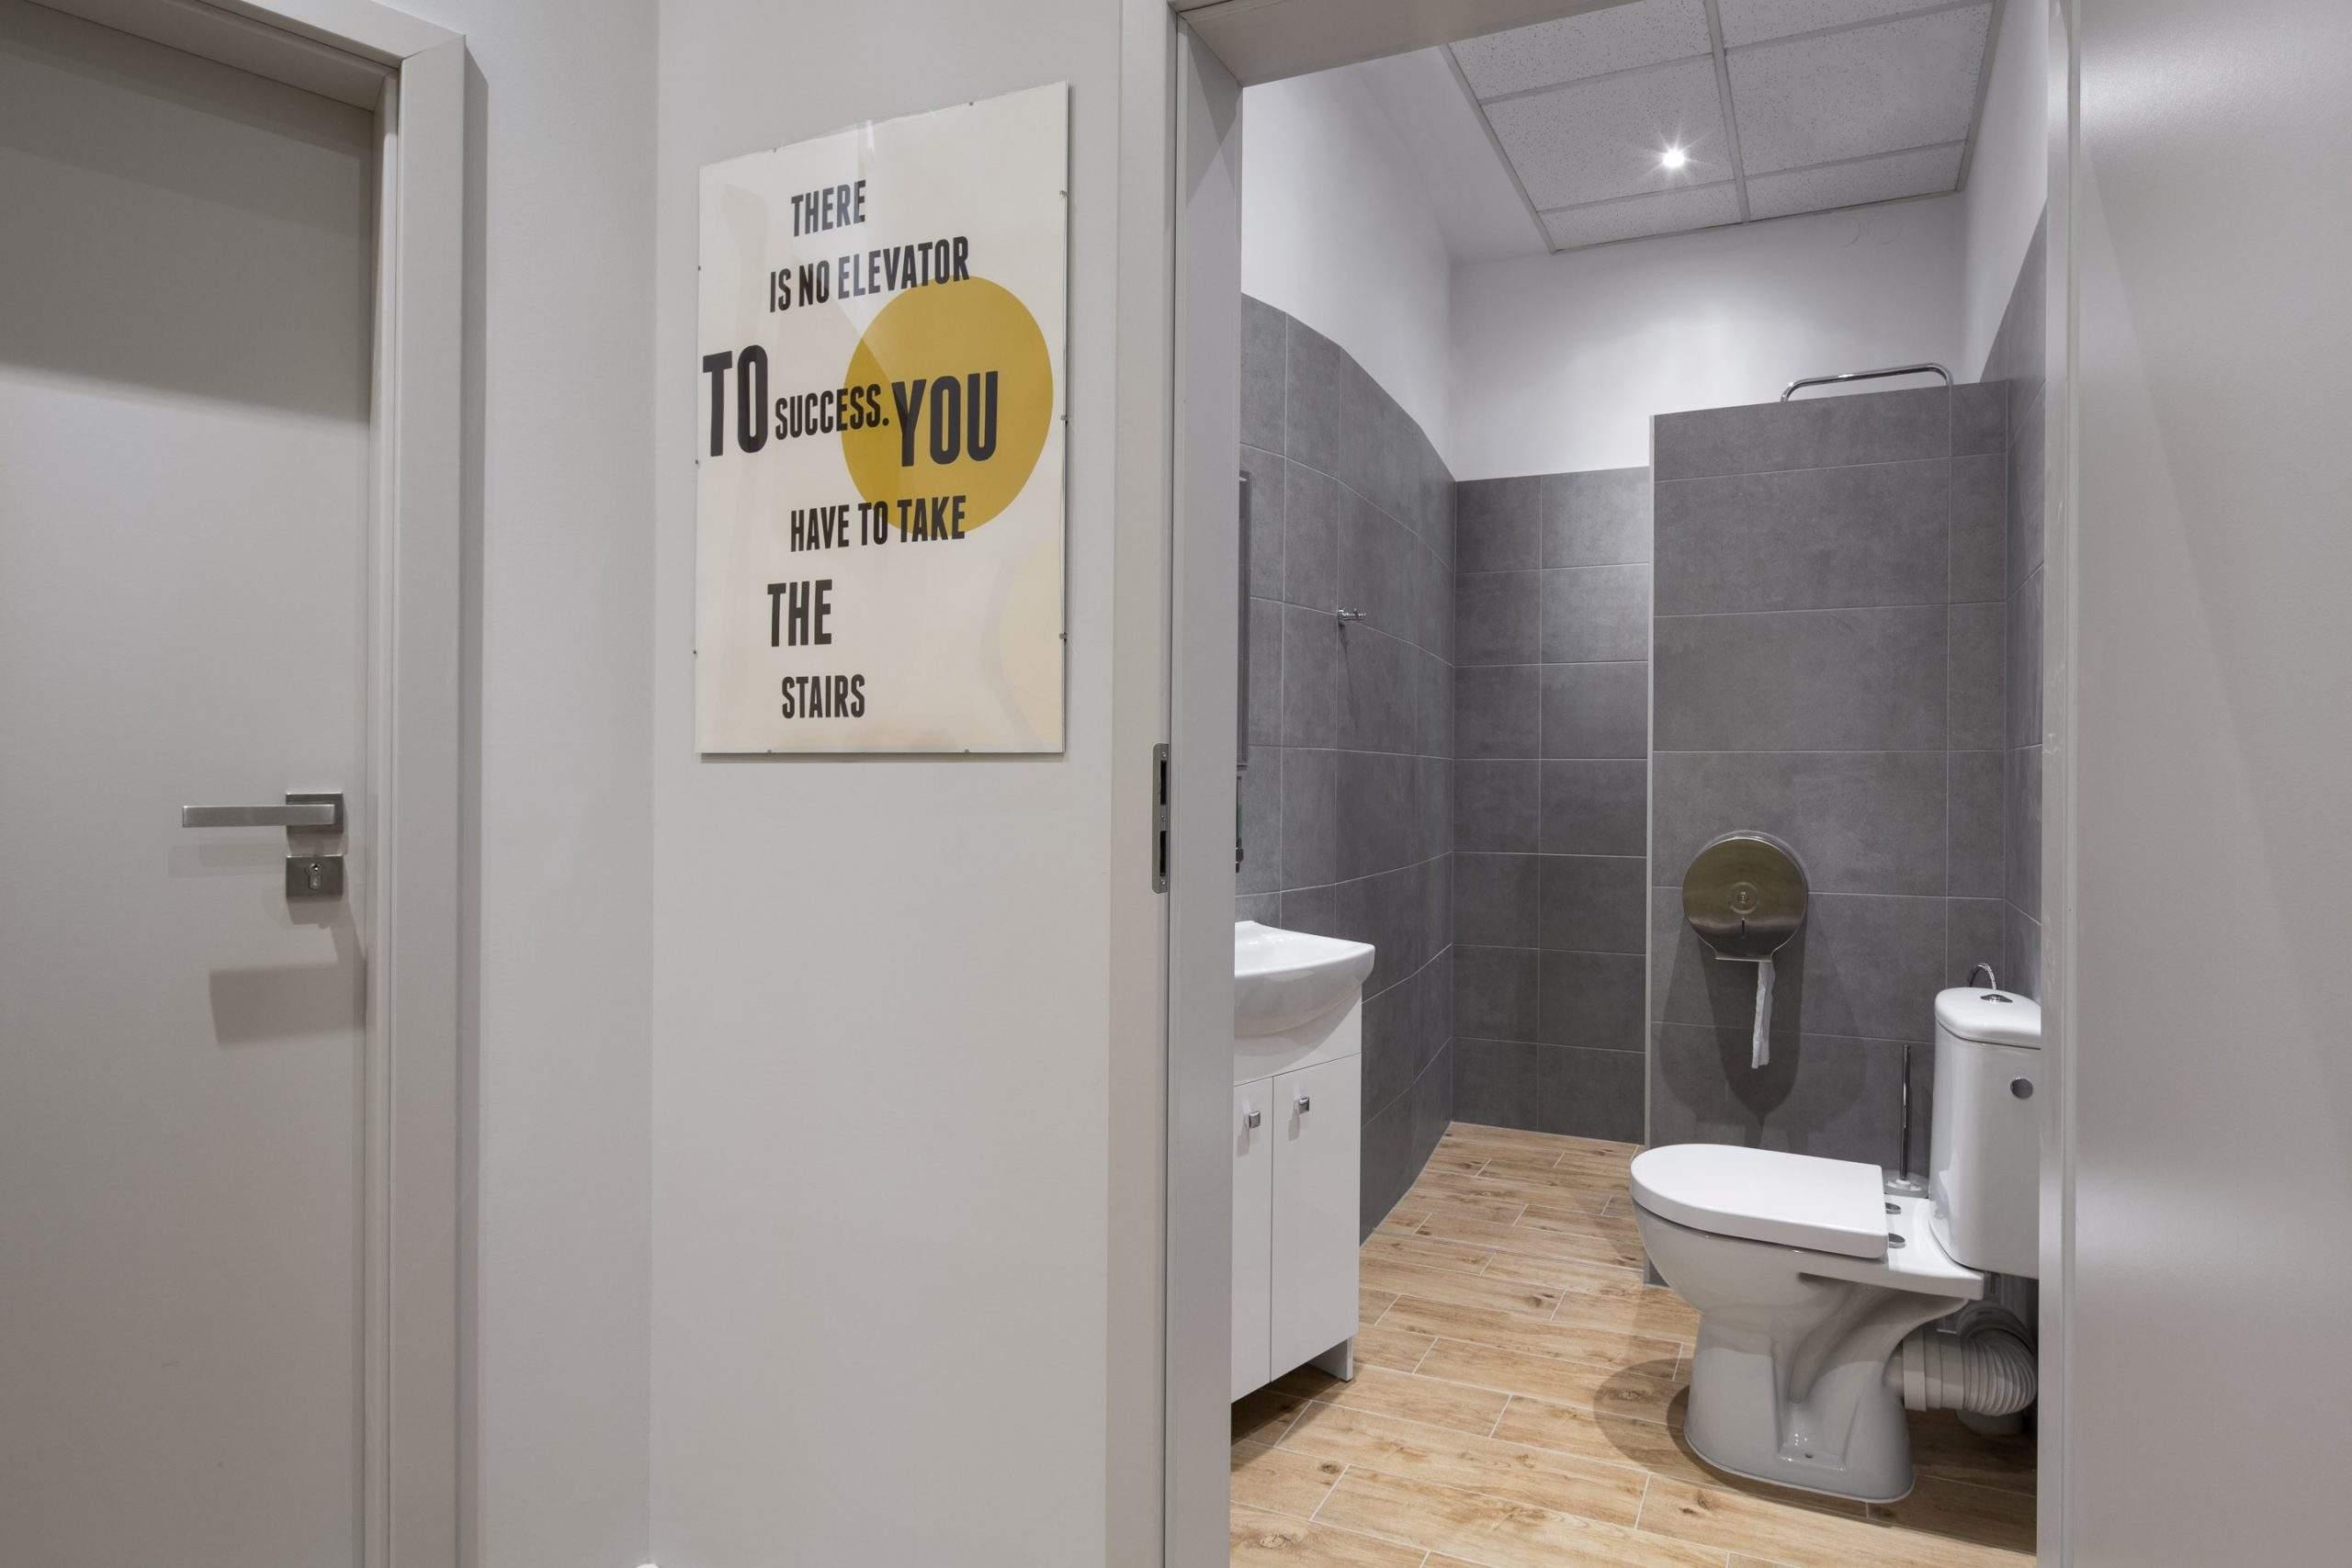 Nawe w łazienki i szatniach centrum RehaFit znajdziesz motywujące do wysiłku i cieżkiej pracy hasła.